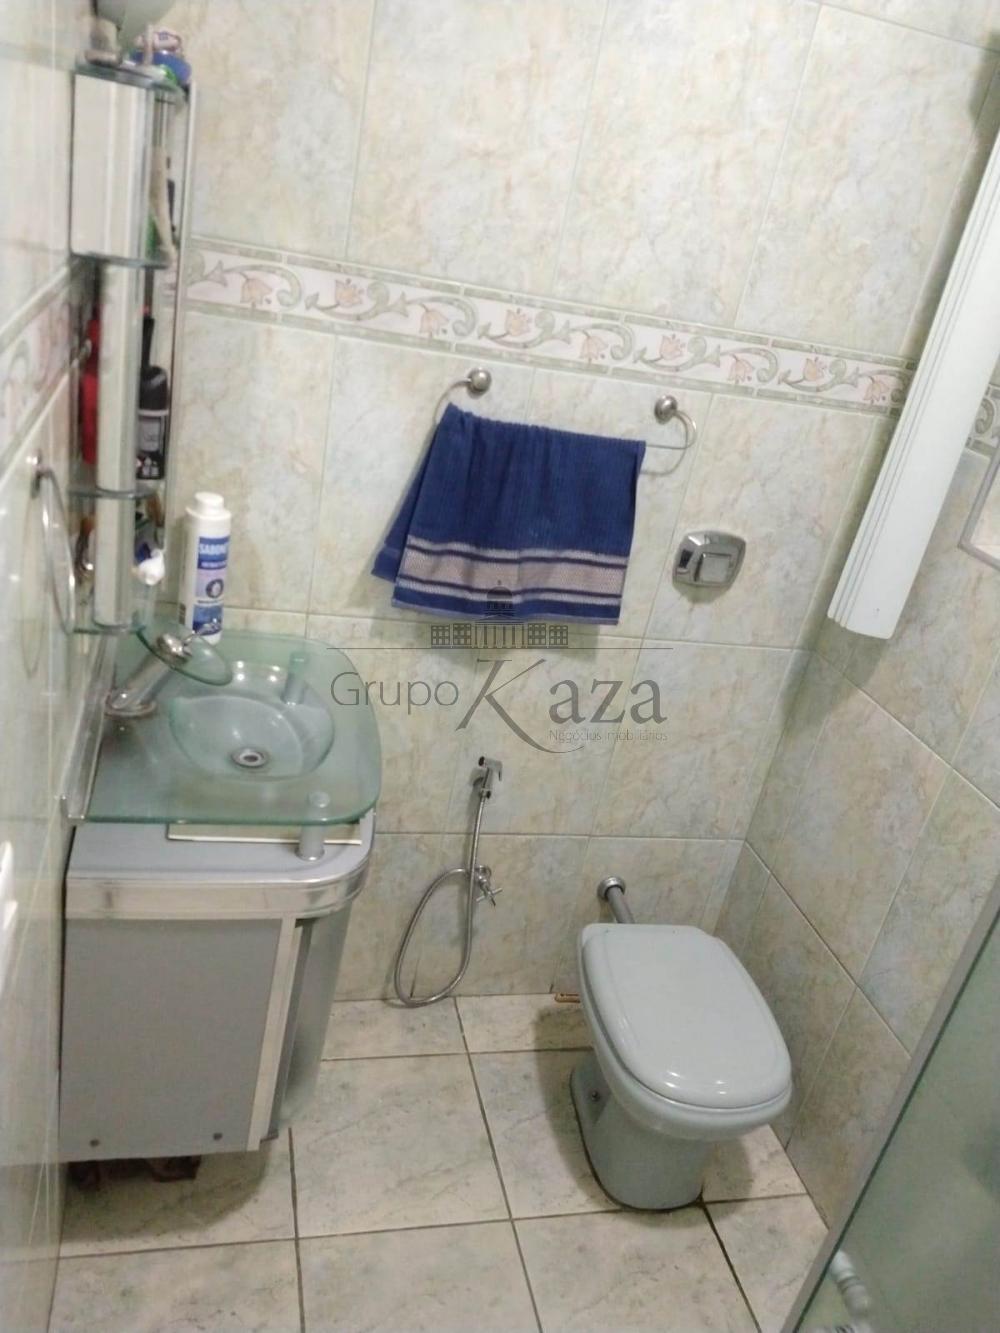 alt='Comprar Casa / Sobrado em São José dos Campos R$ 390.000,00 - Foto 7' title='Comprar Casa / Sobrado em São José dos Campos R$ 390.000,00 - Foto 7'